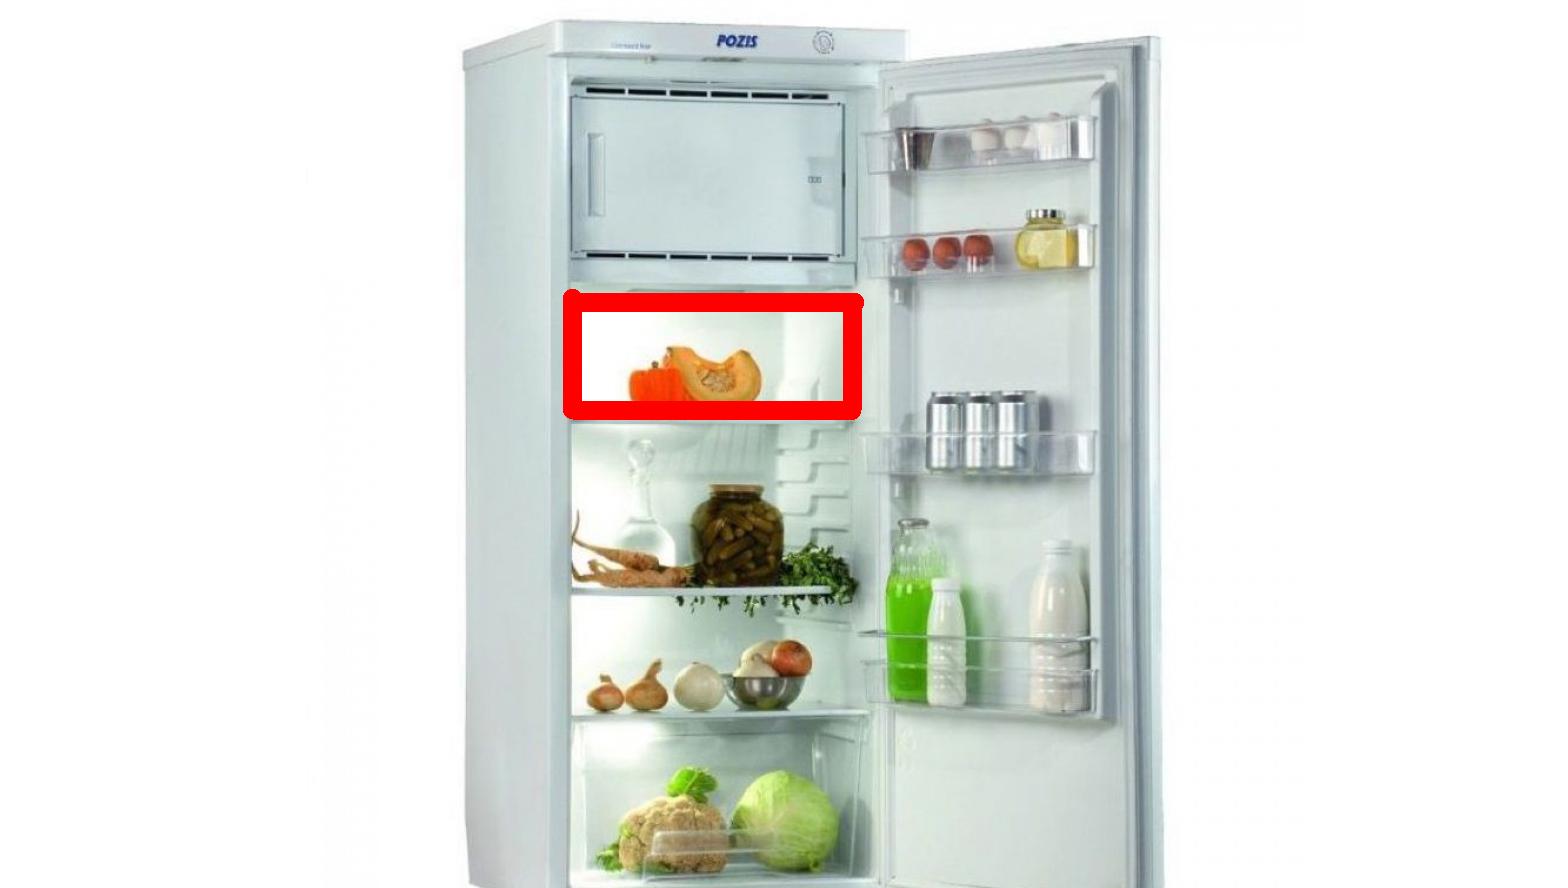 На какой полке холоднее в однокамерном холодильнике